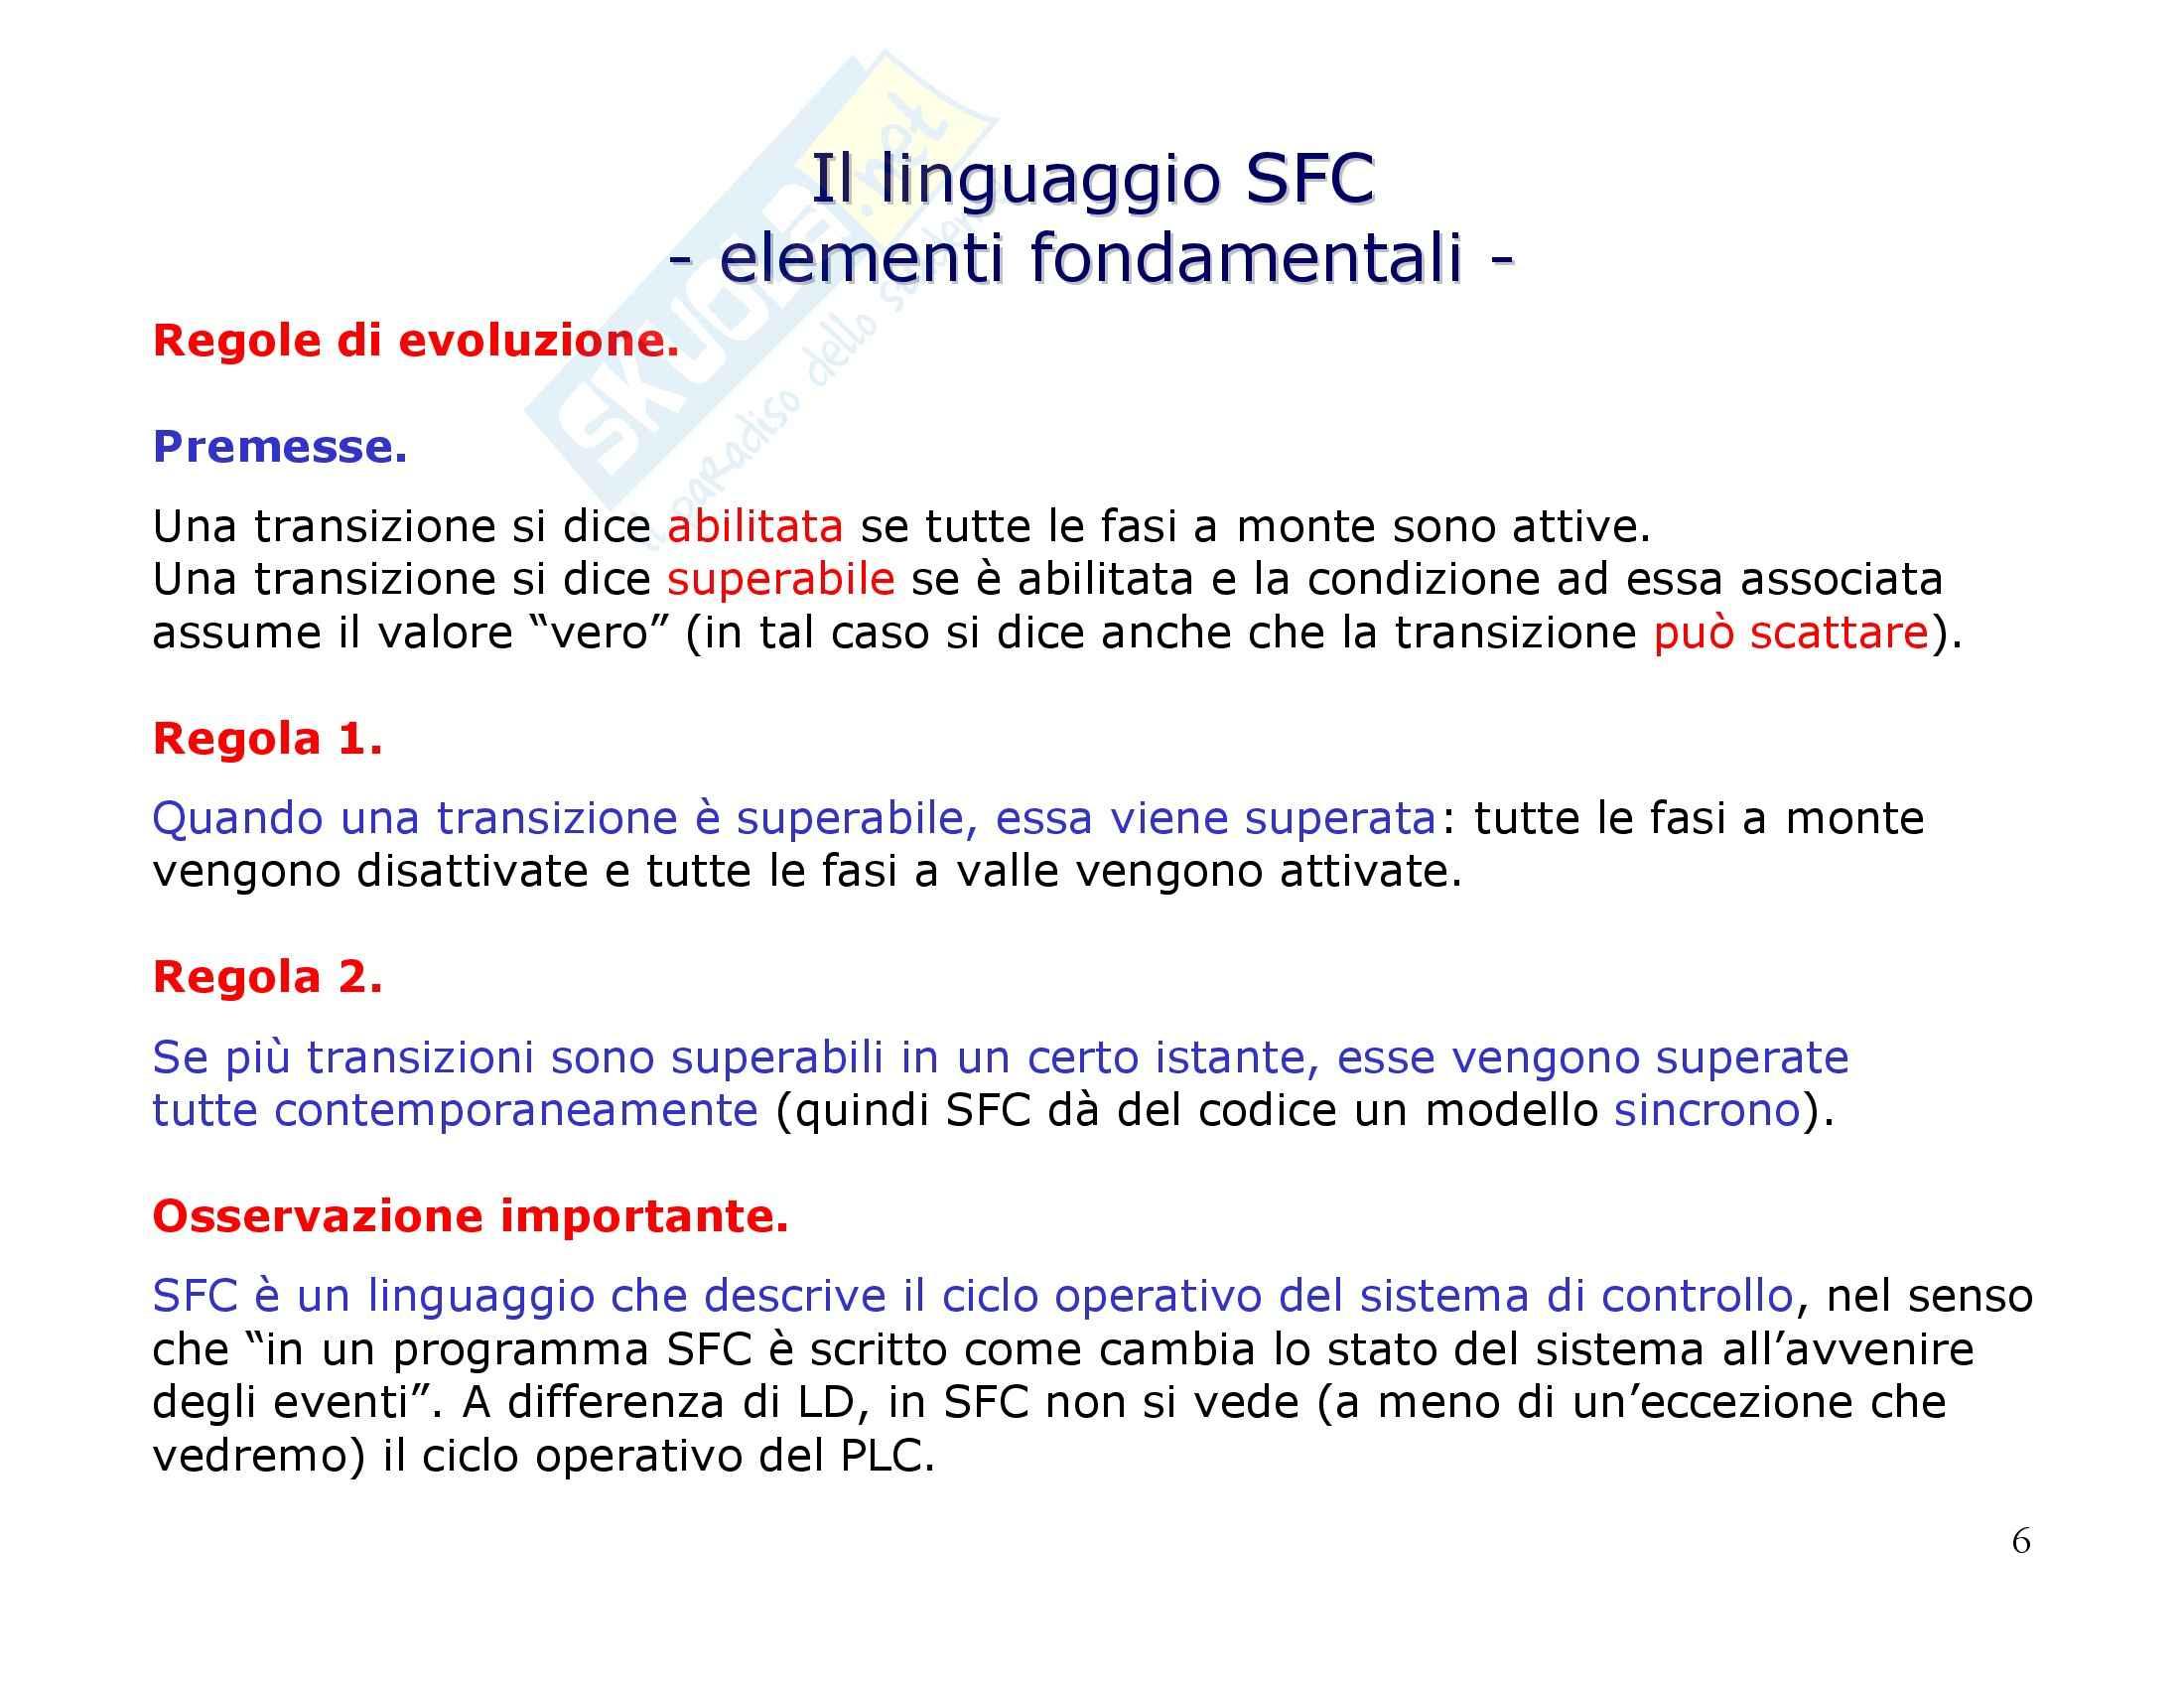 Linguaggio SFC Pag. 6